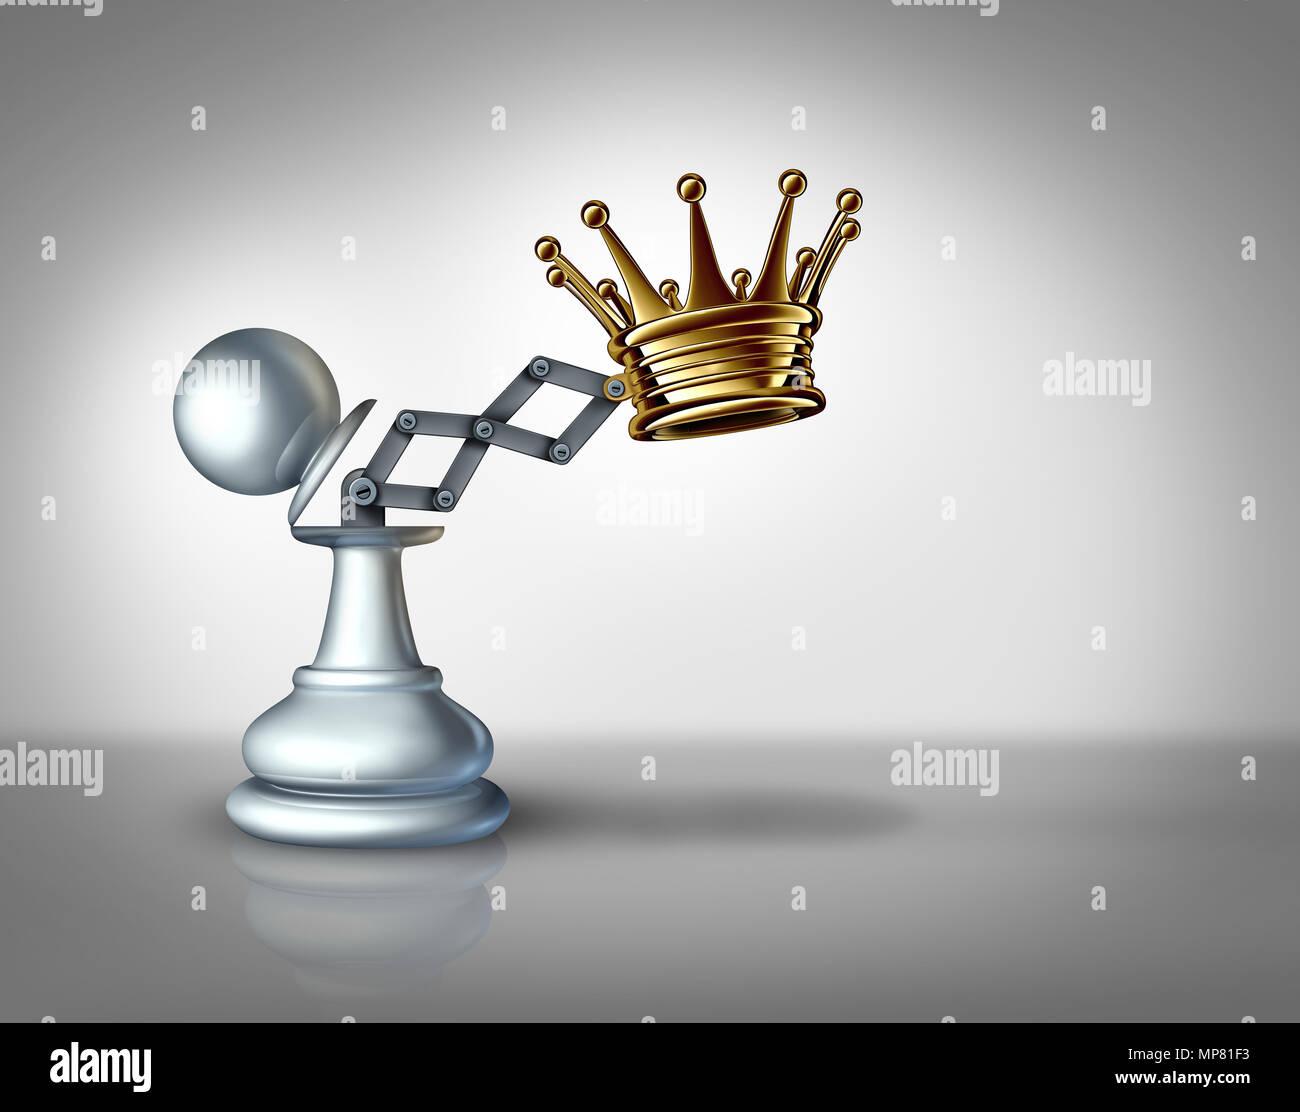 Business Führung und Macht mit Vertrauen Konzept als Erfolg Strategie Idee als eine 3D-Darstellung. Stockbild